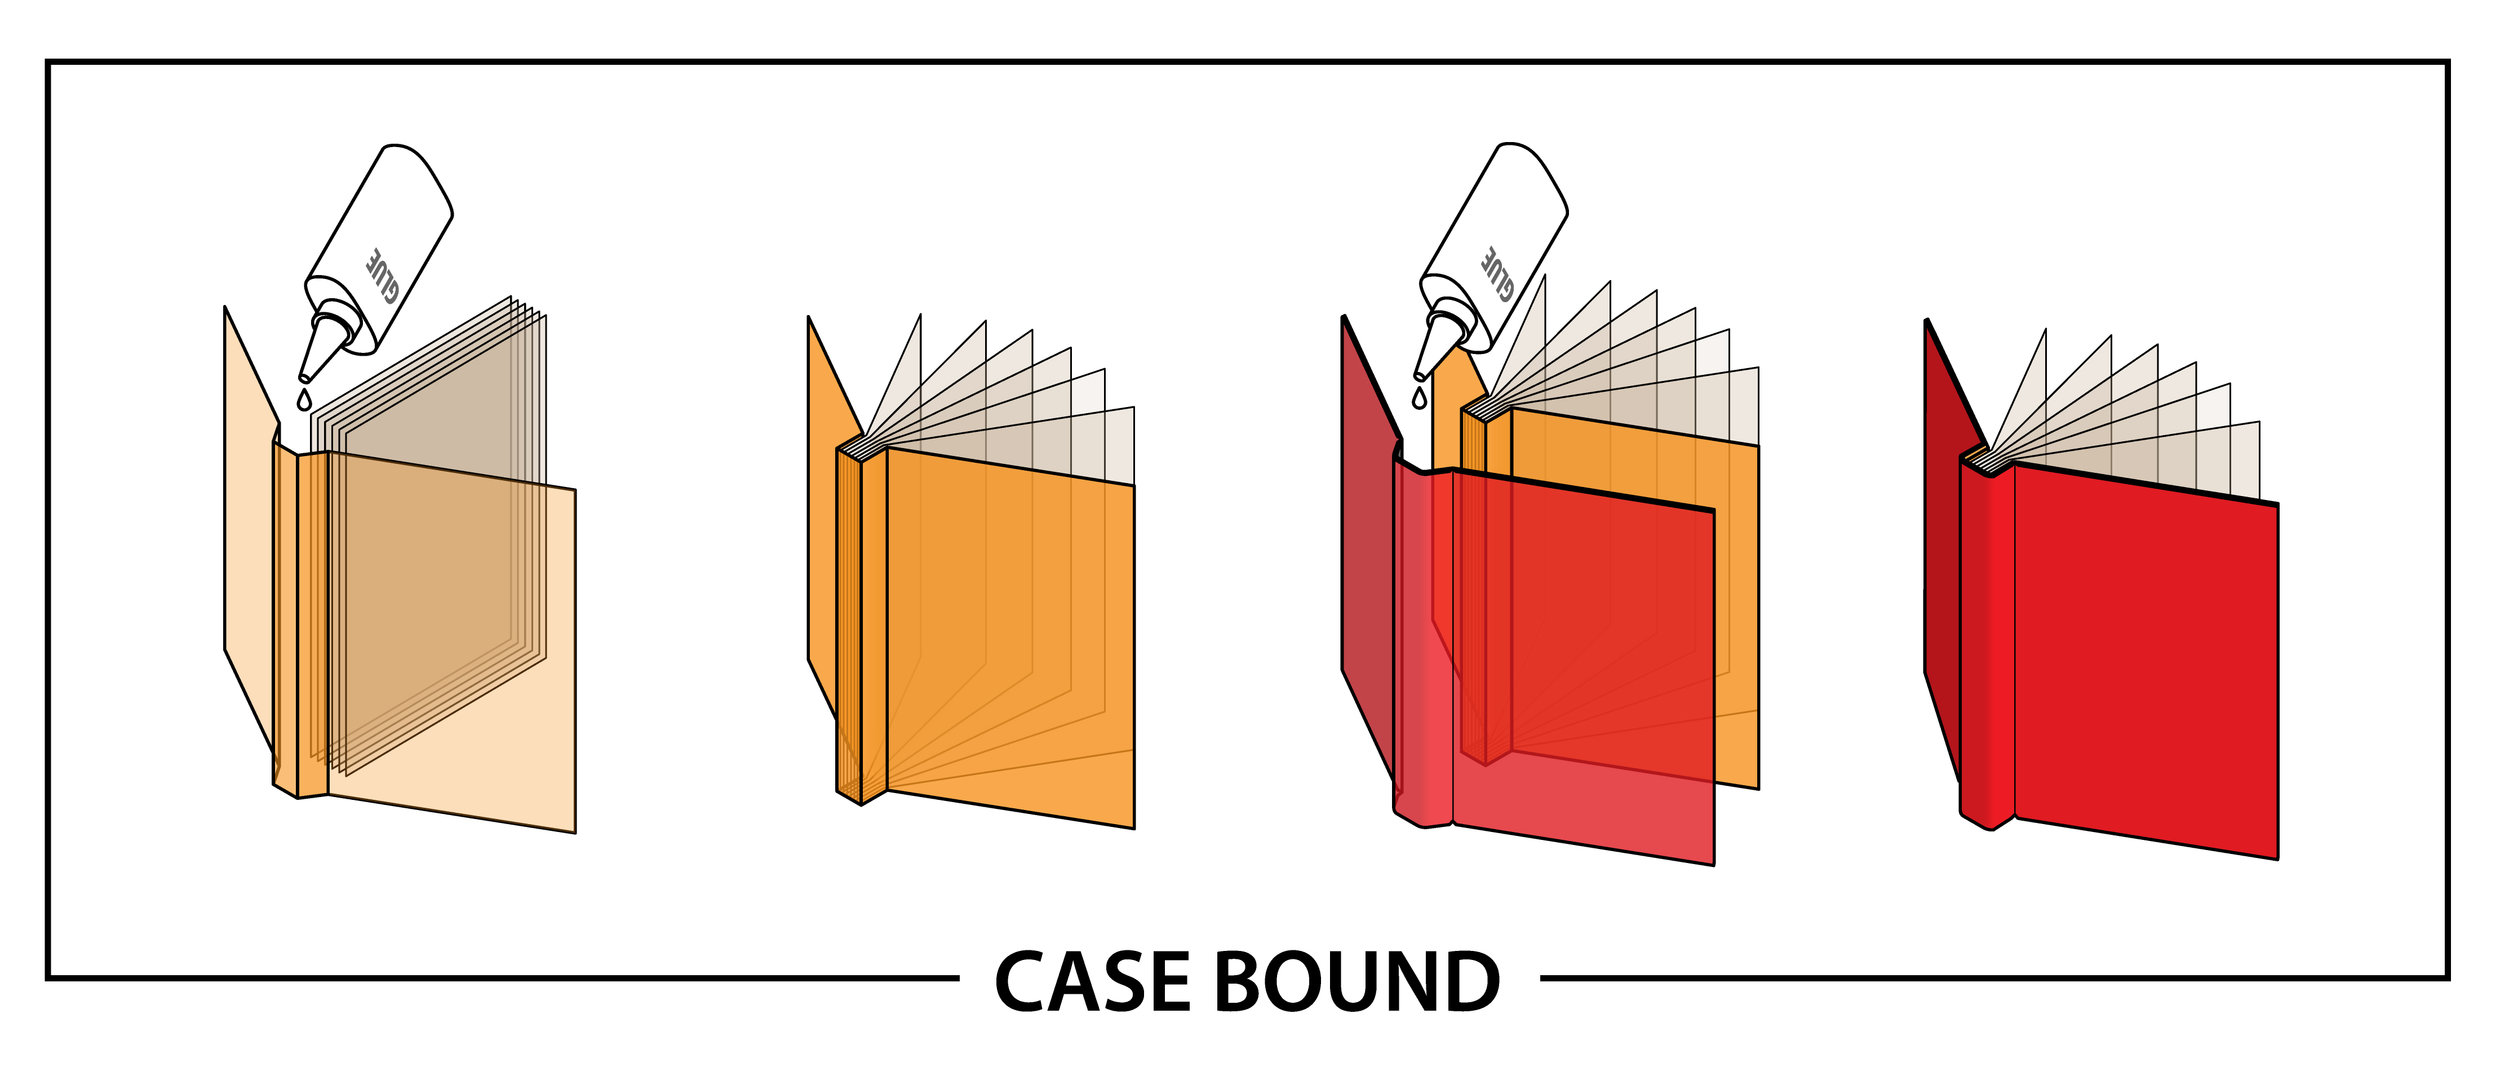 Case Bound